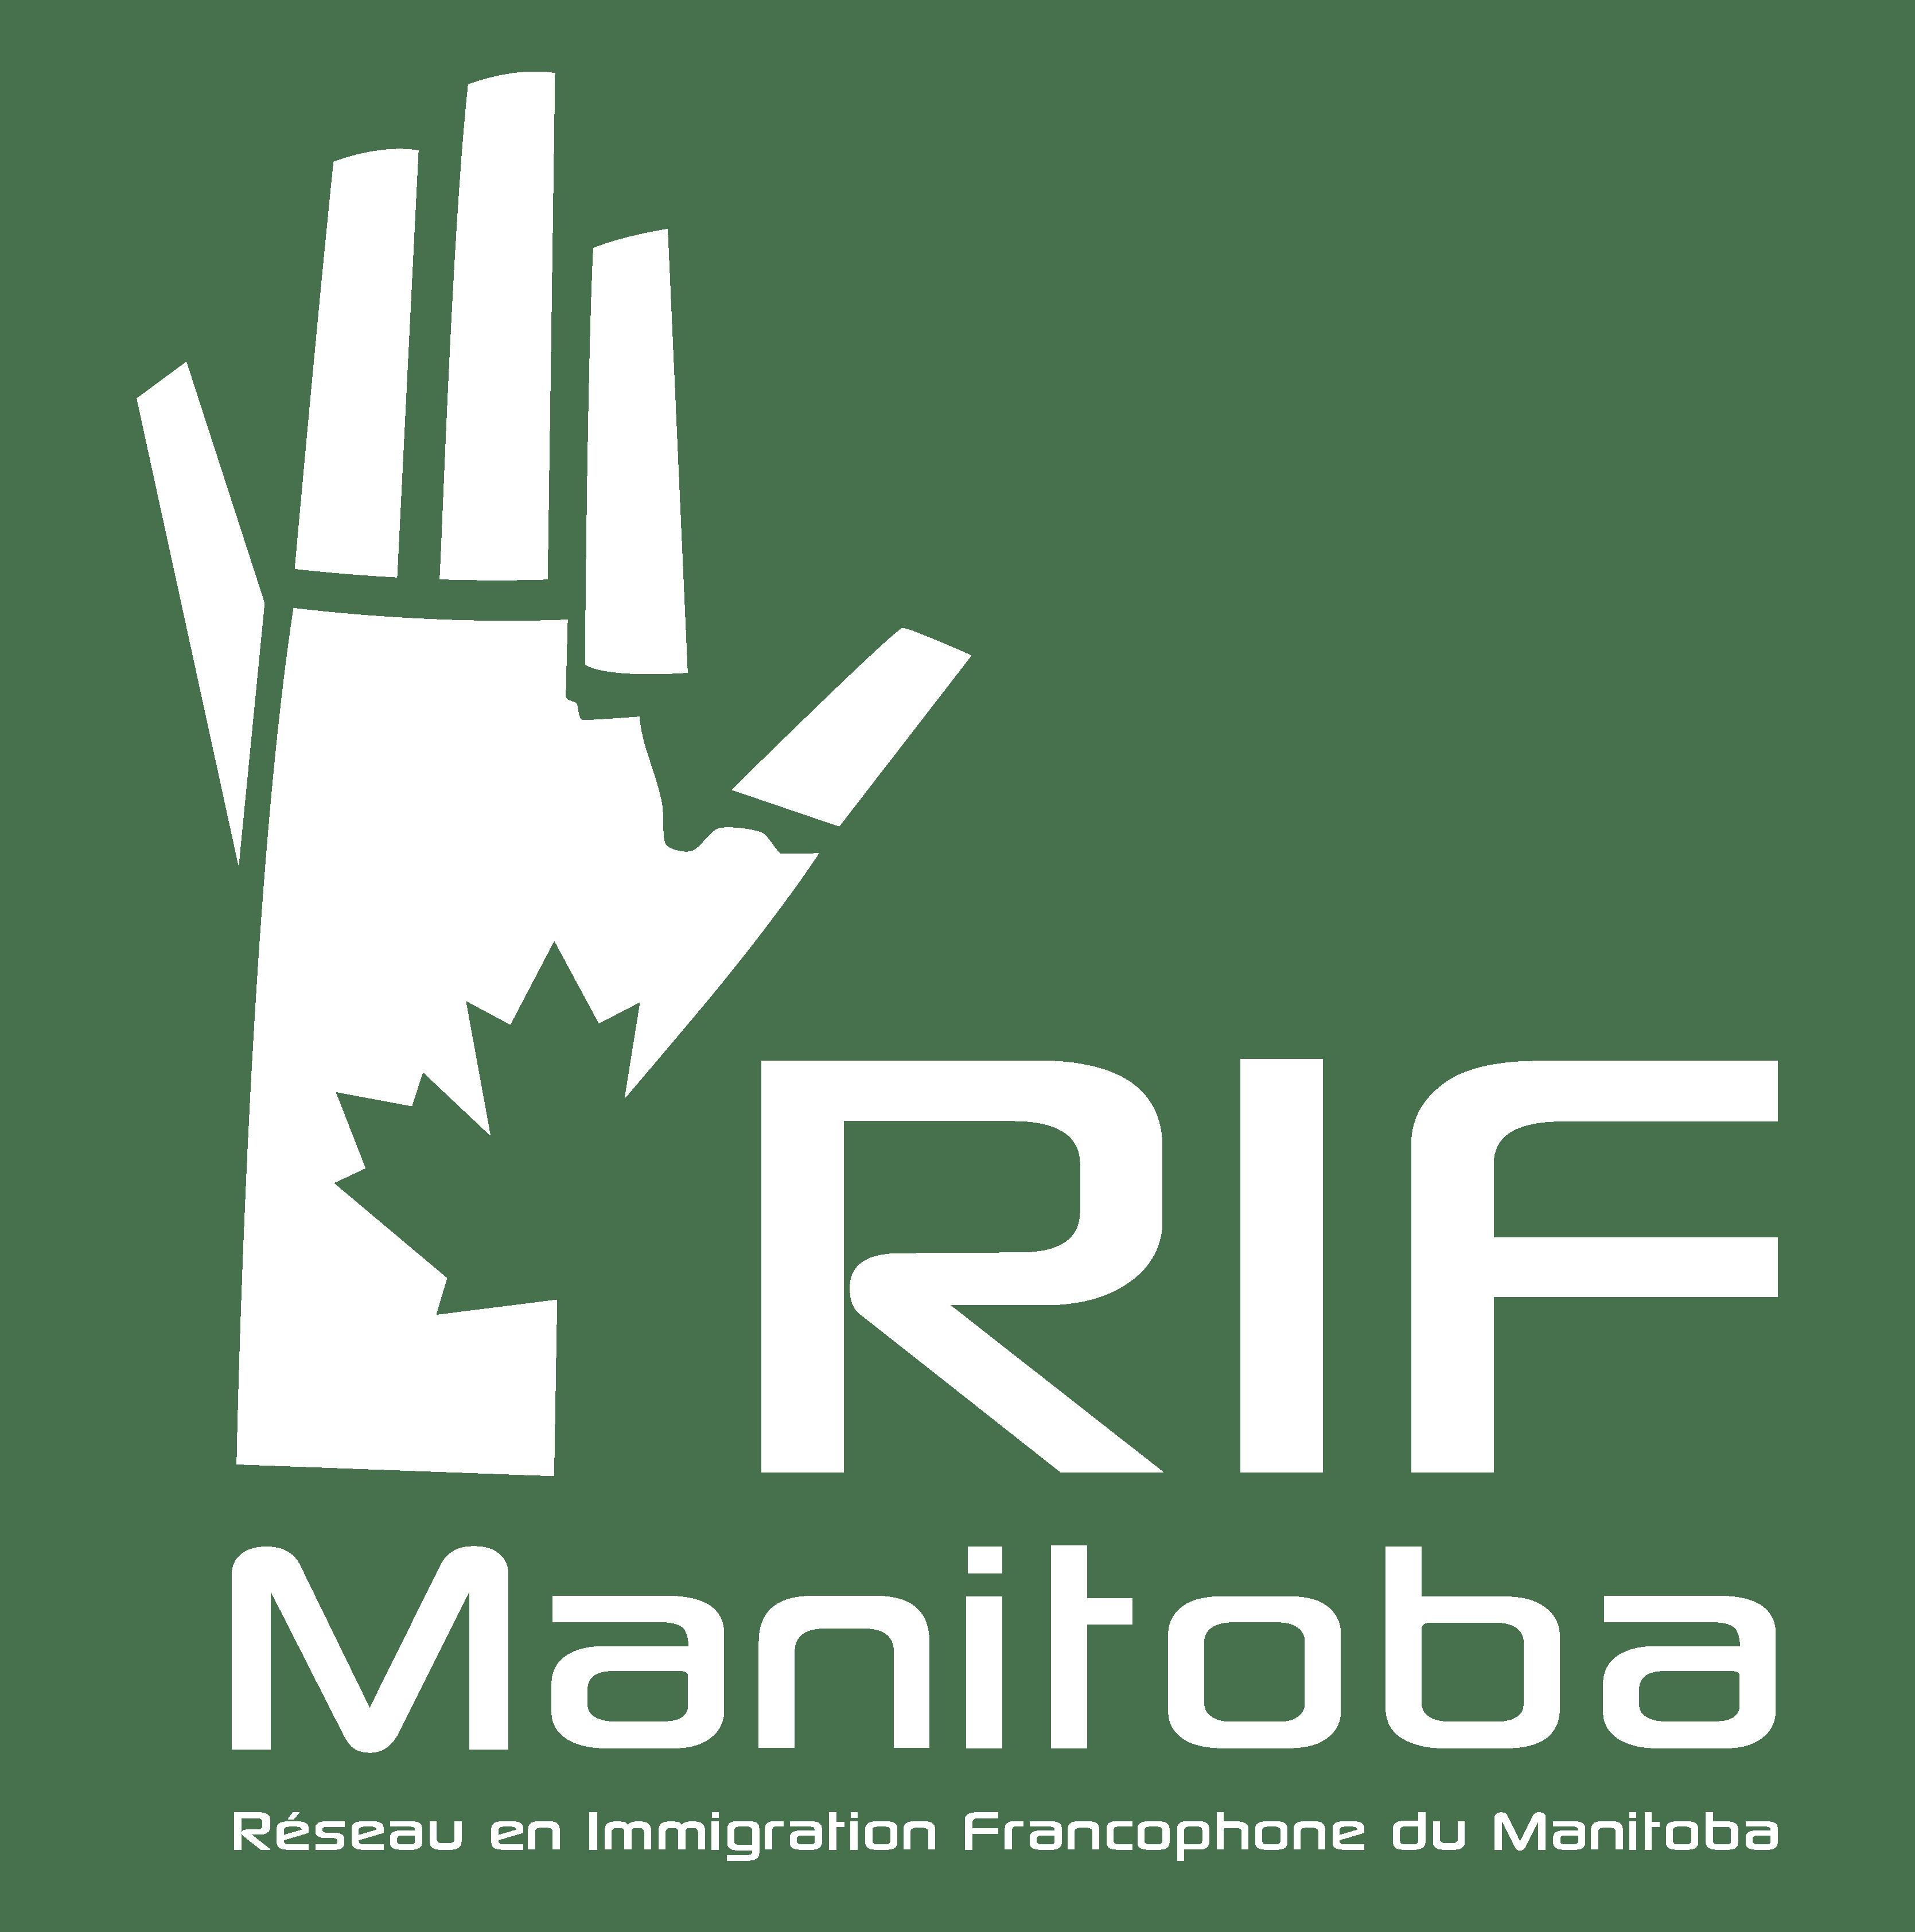 Découvrez la mission, la vision et la valeur du RIF Manitoba, Réseau en Immigration Francophone du Manitoba